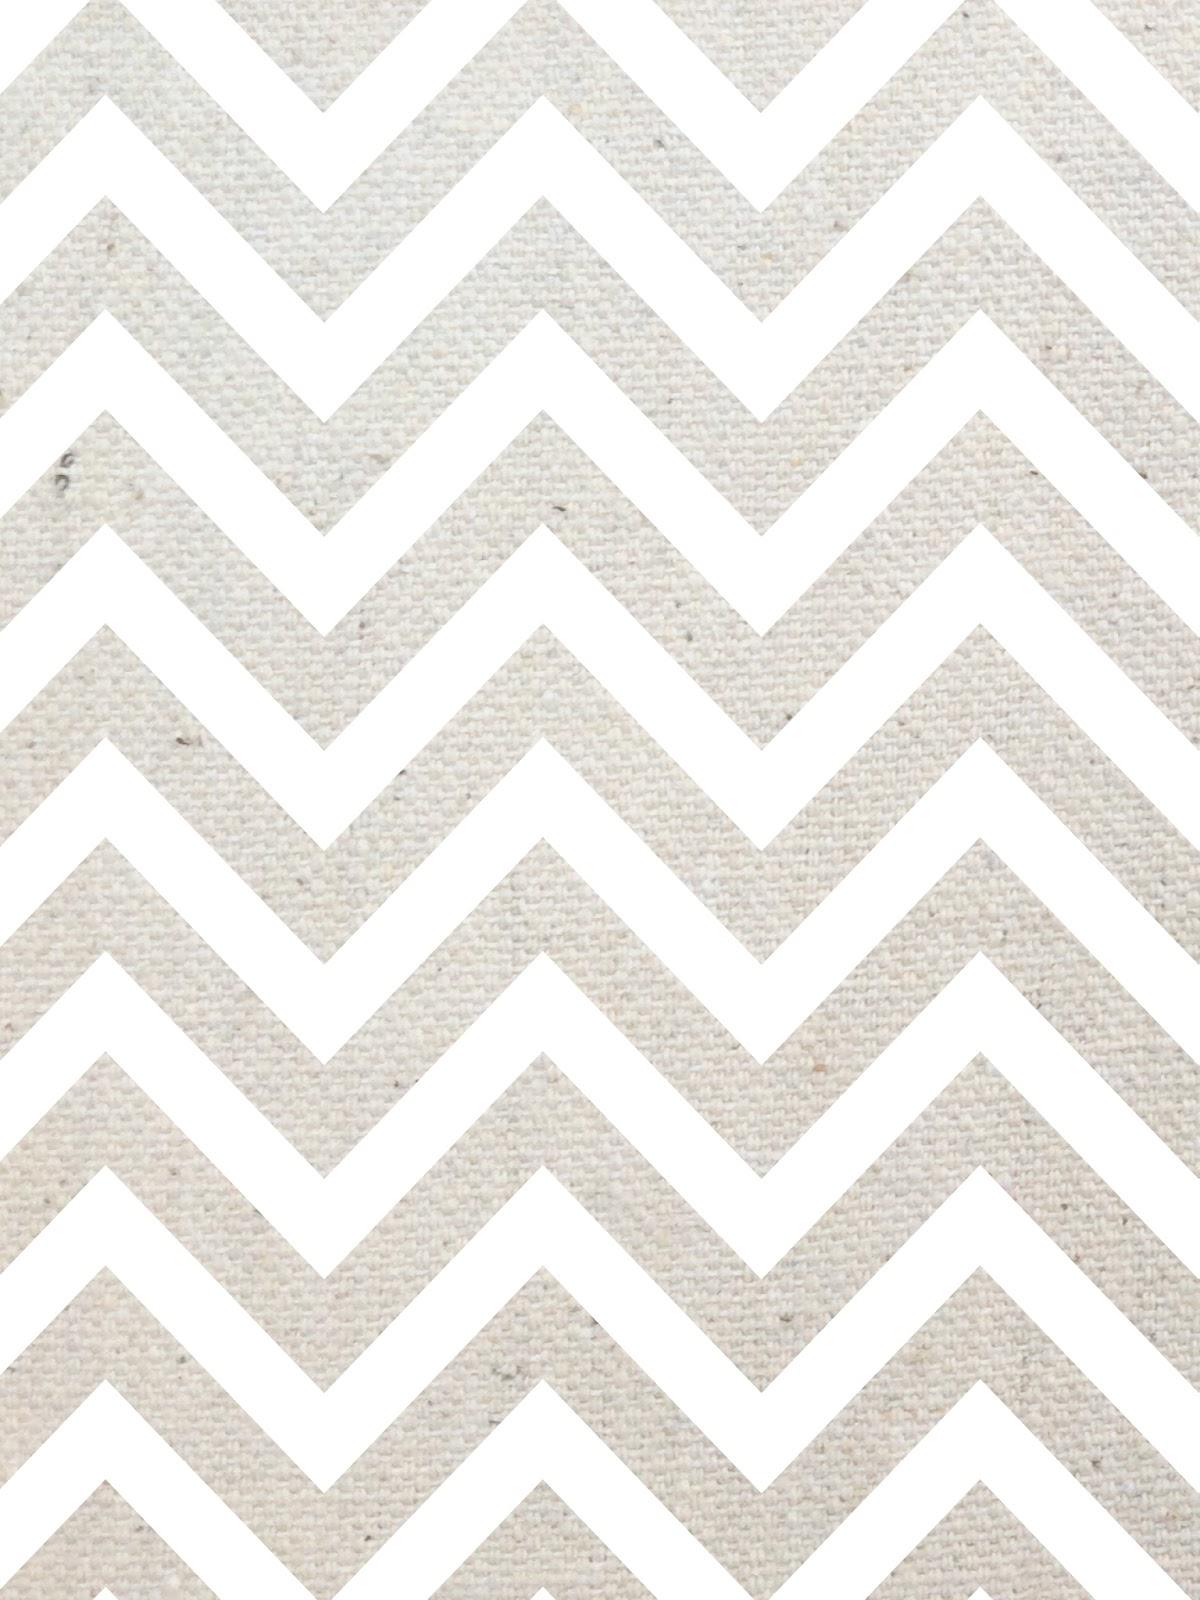 Chevronyellow White Aqua Linen 1200x1600